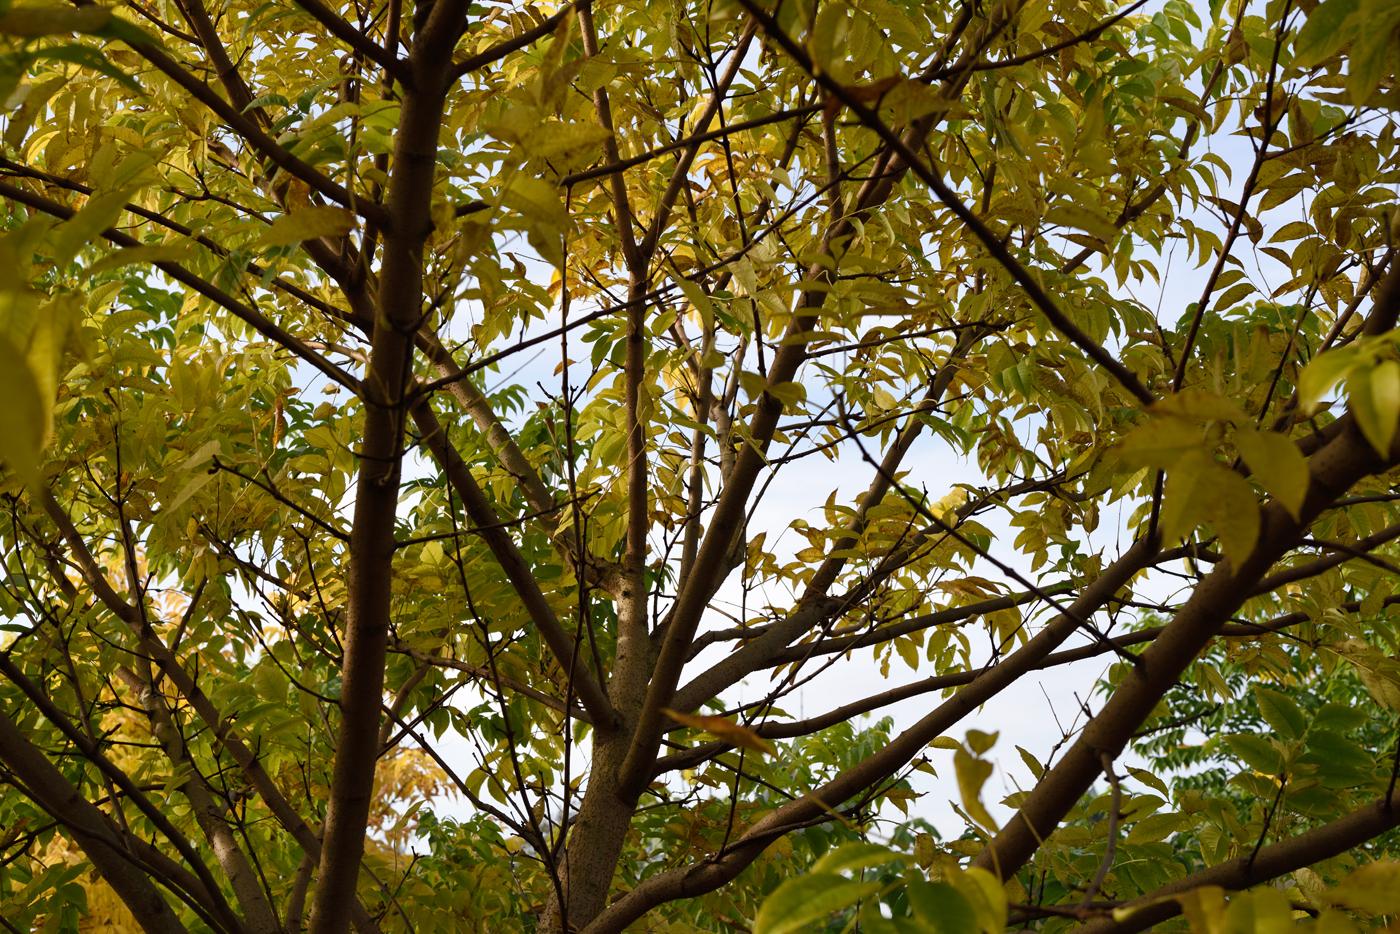 Blick in die Krone Phellodendron amurense